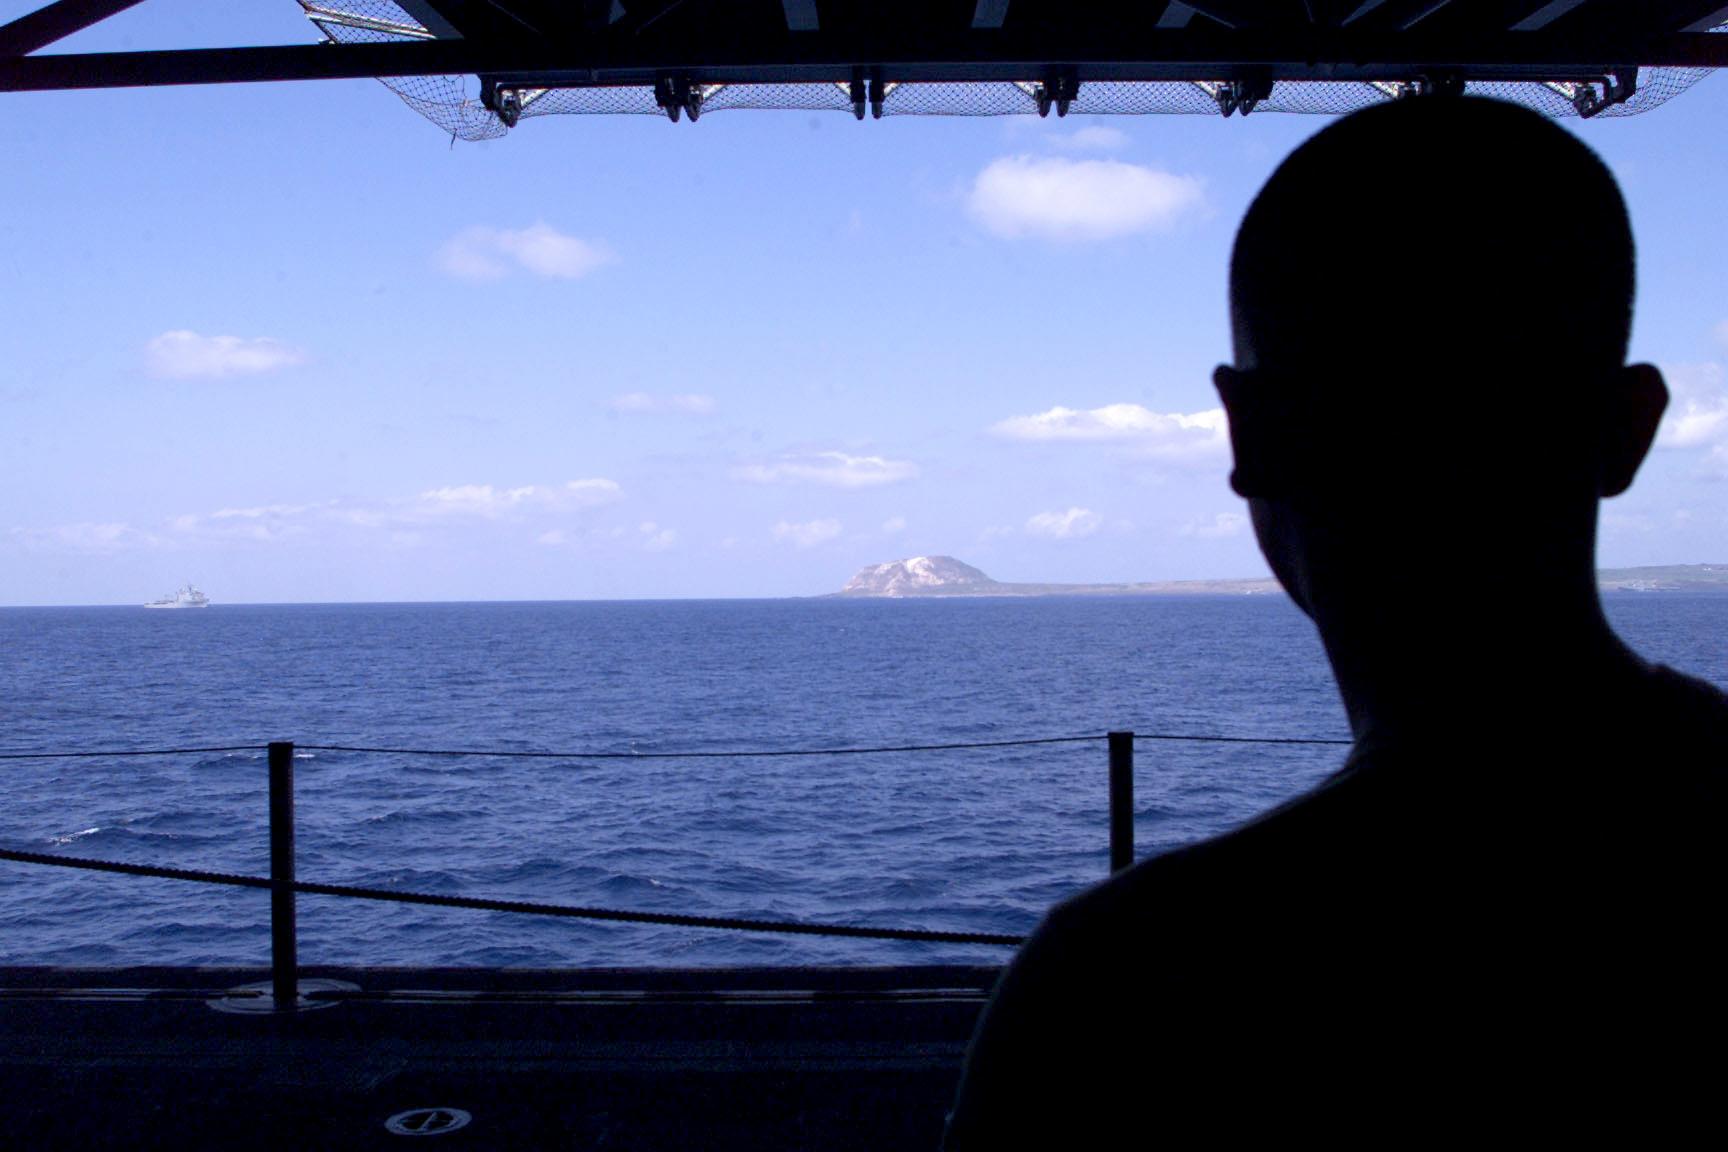 File:US Navy 020312-N-5972C-001 USS Essex - Marine ...